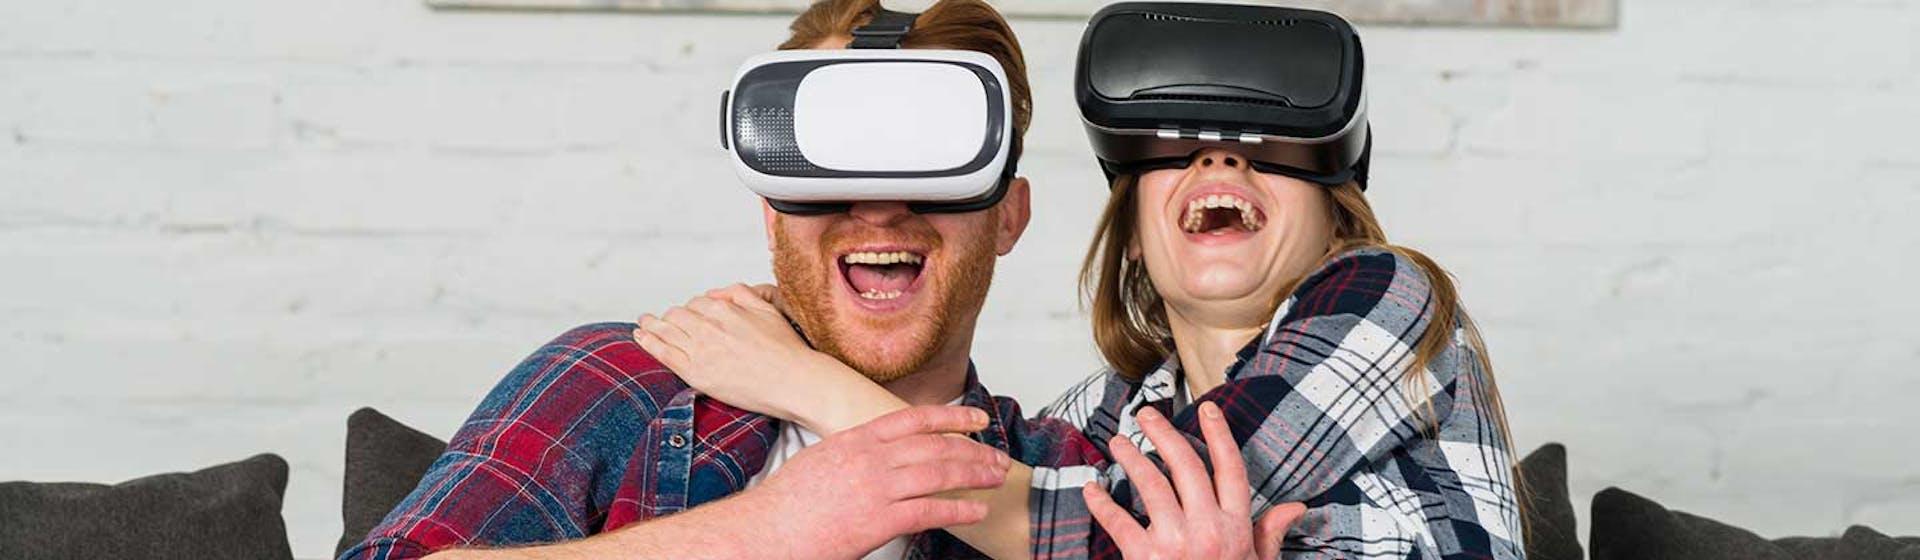 Aplicaciones para gafas de realidad virtual: ¡mira el mundo con otros ojos!